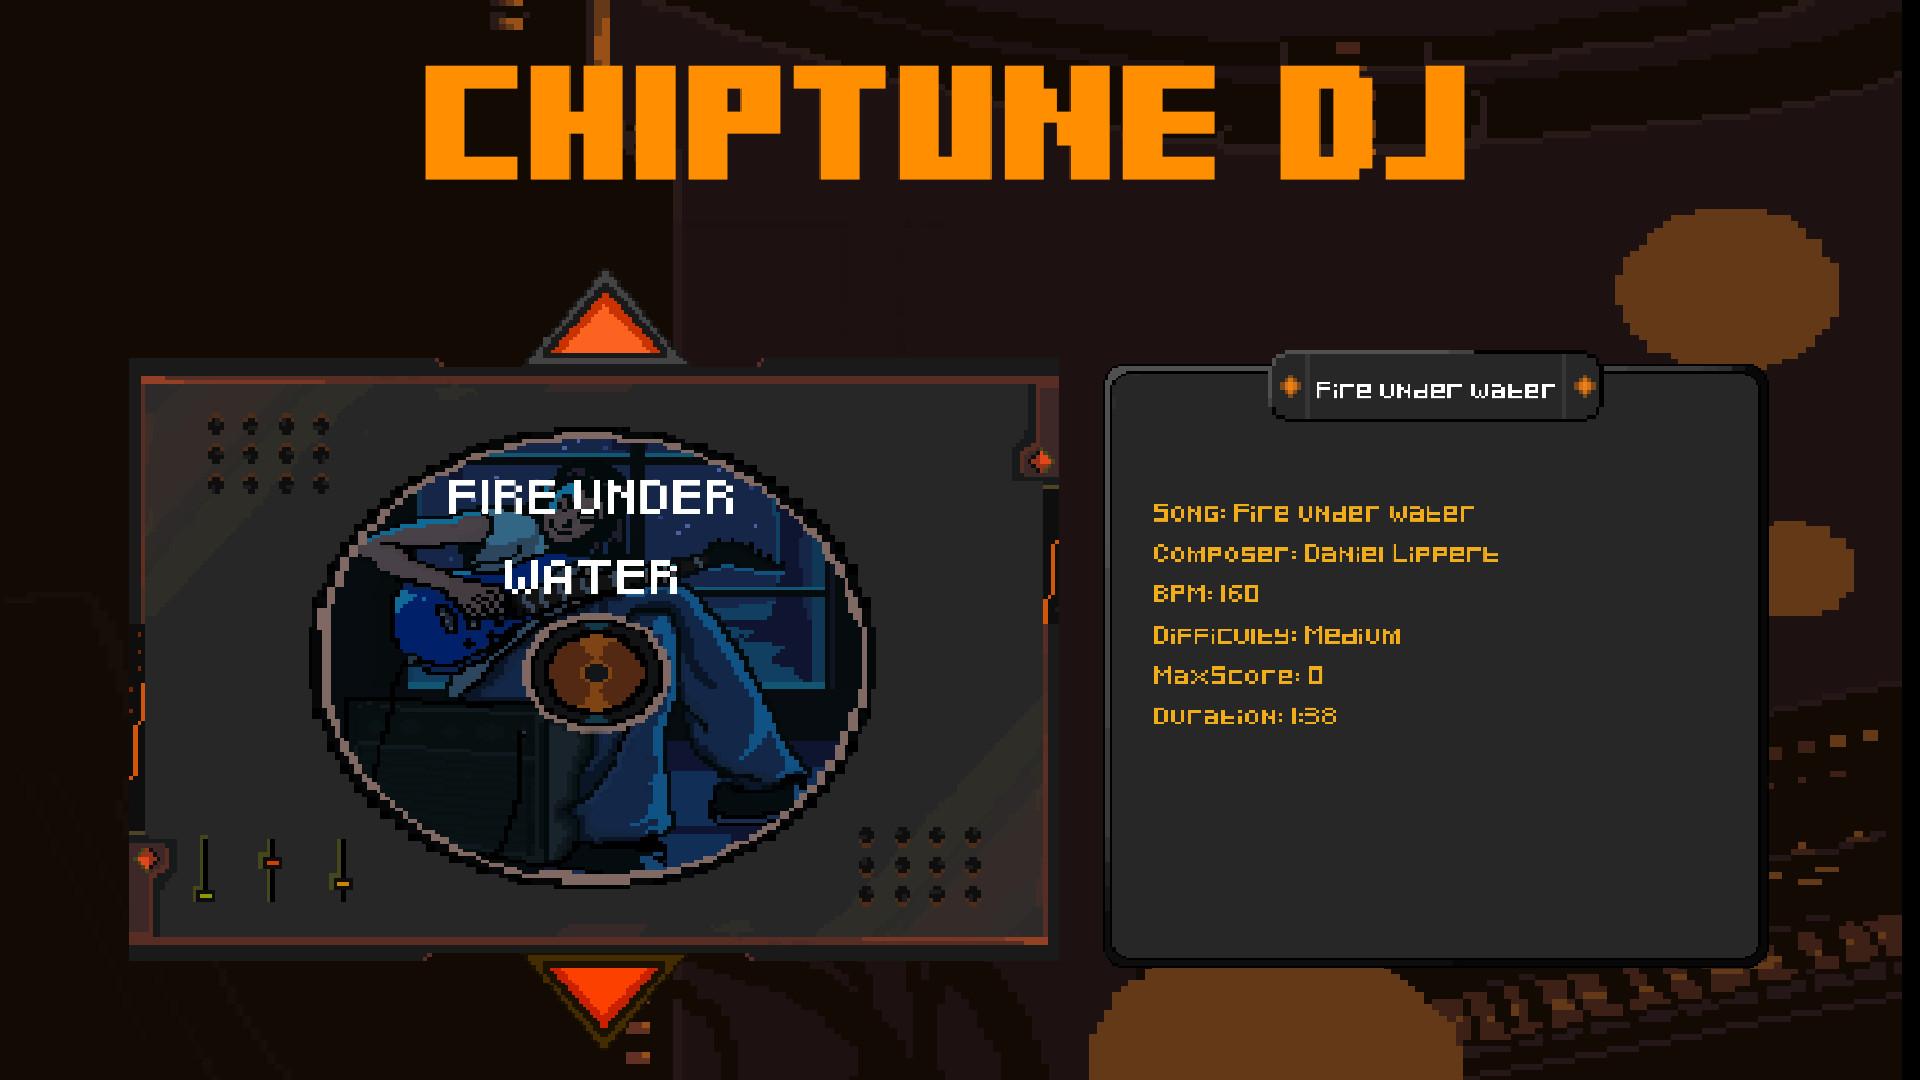 Chiptune DJ